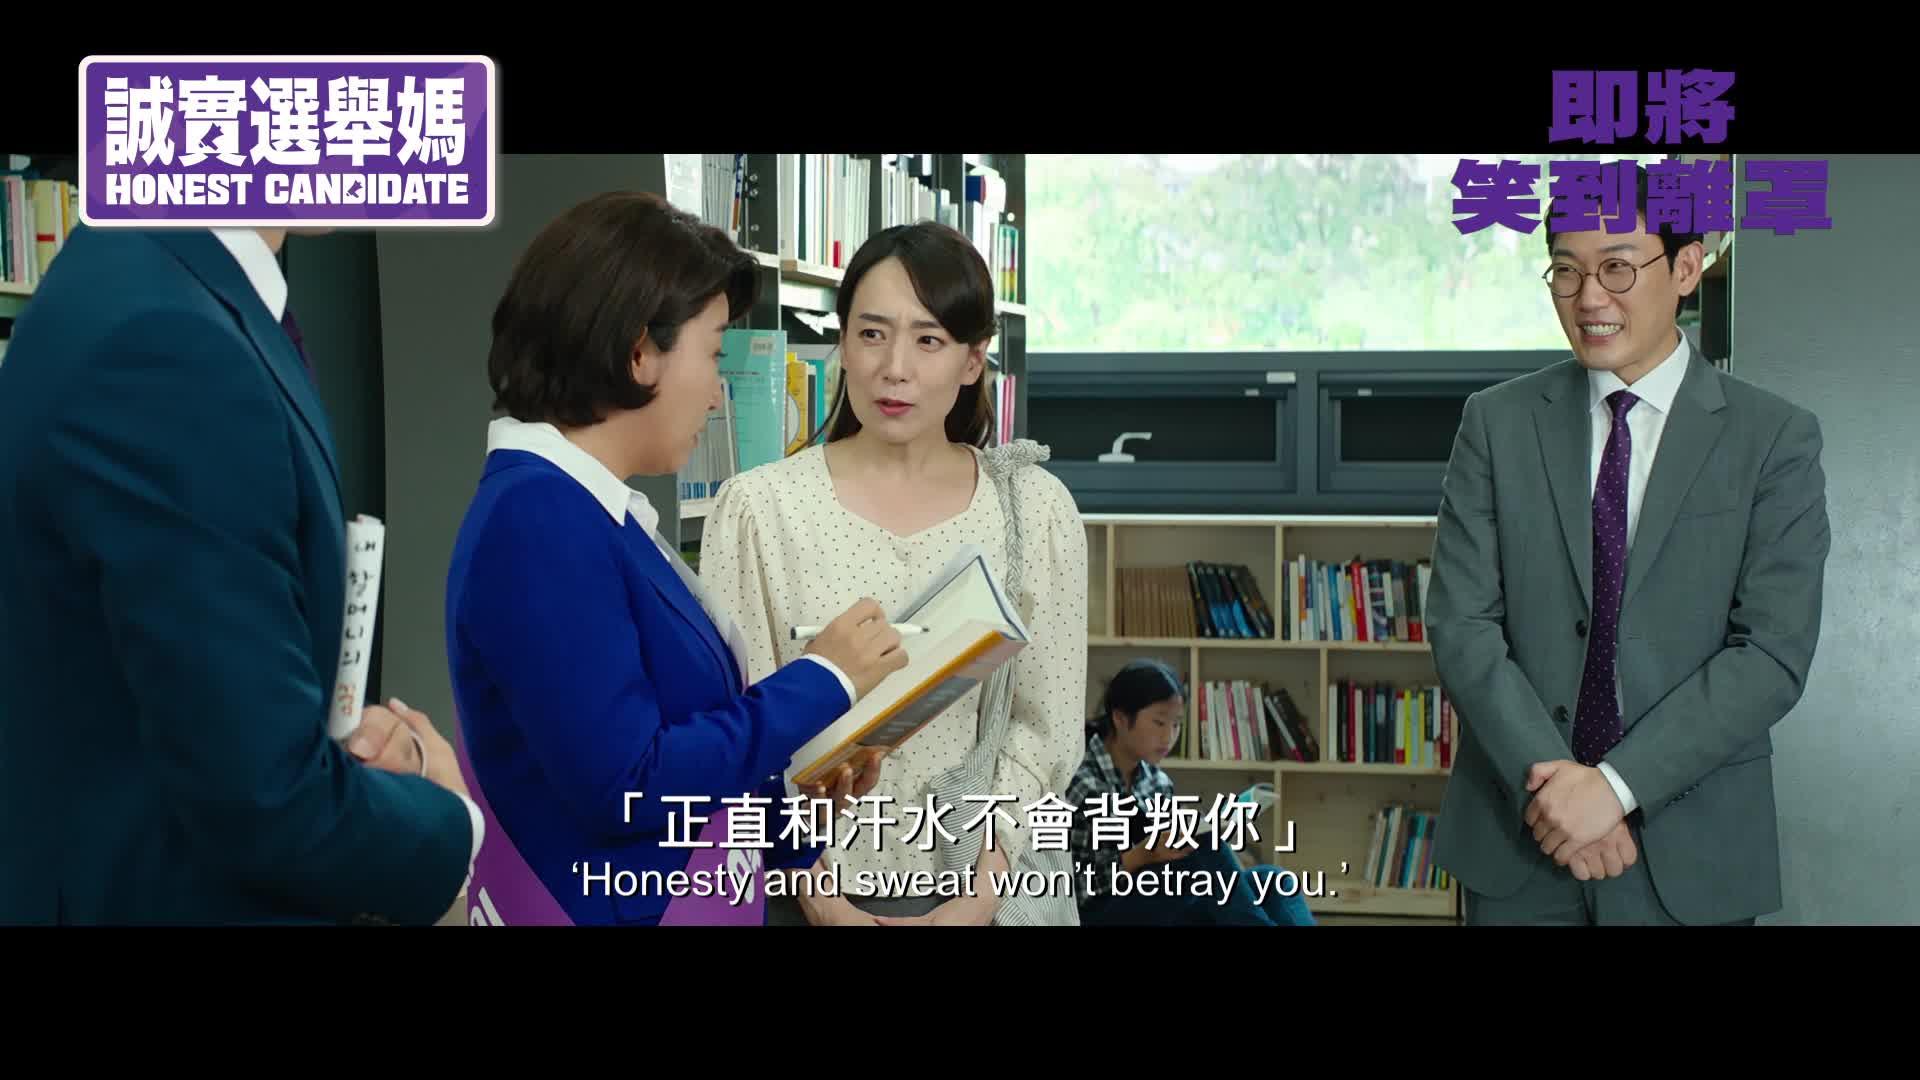 《誠實選舉媽》電影預告